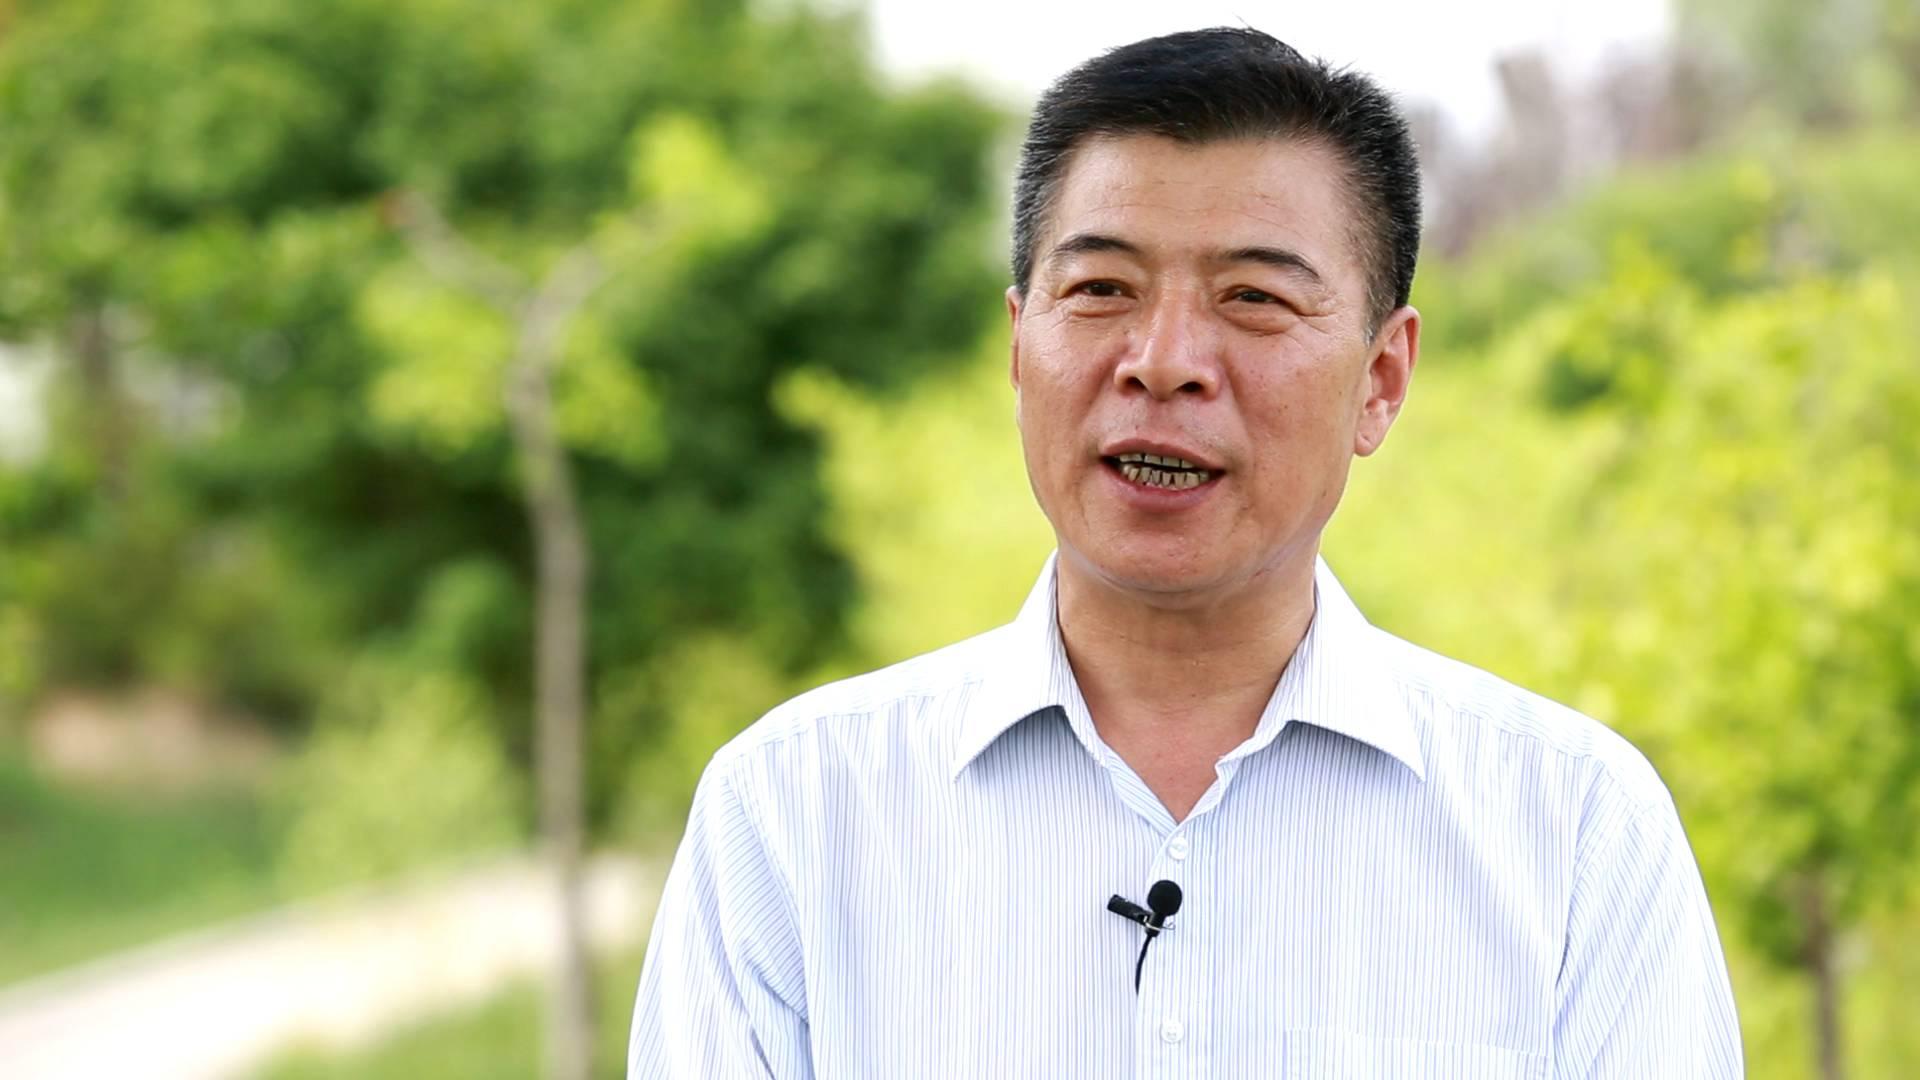 亲切的关怀 巨大的鼓舞|山东省煤炭工业局局长乔乃琛:推动煤矿矿区小康社会的建成